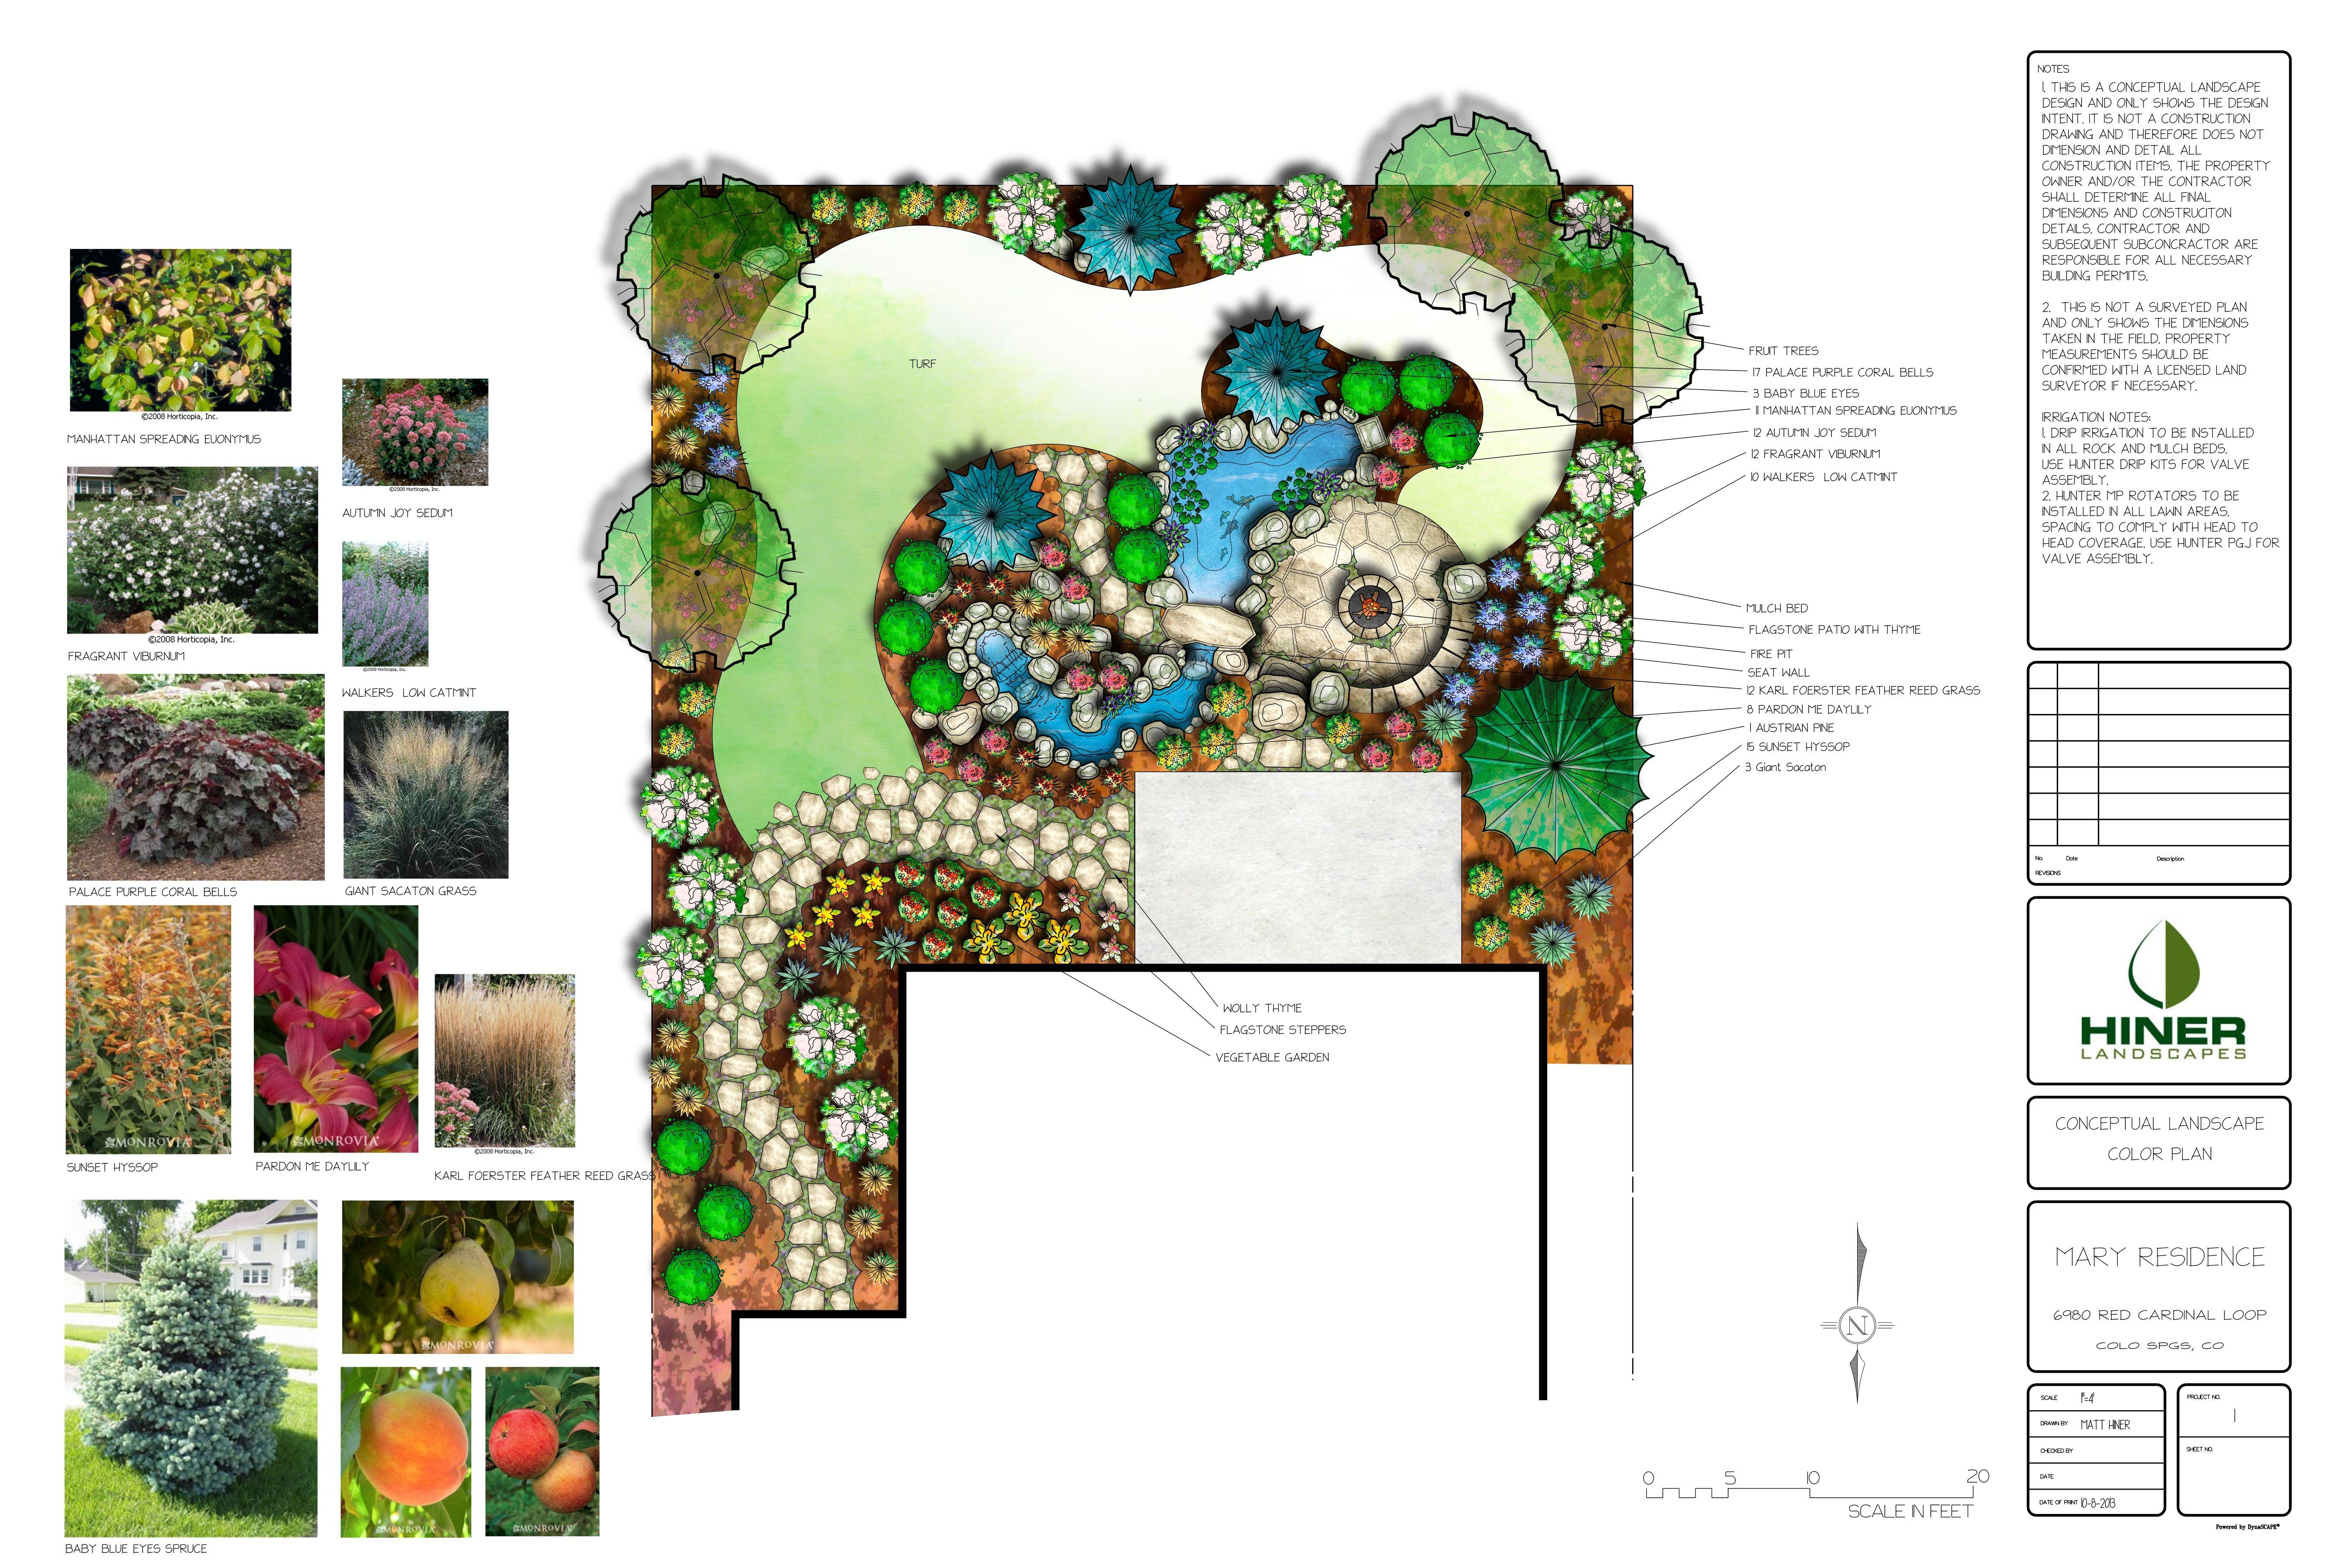 Renderings by hiner landscapes landscape design plan for Pflanzengestaltung garten